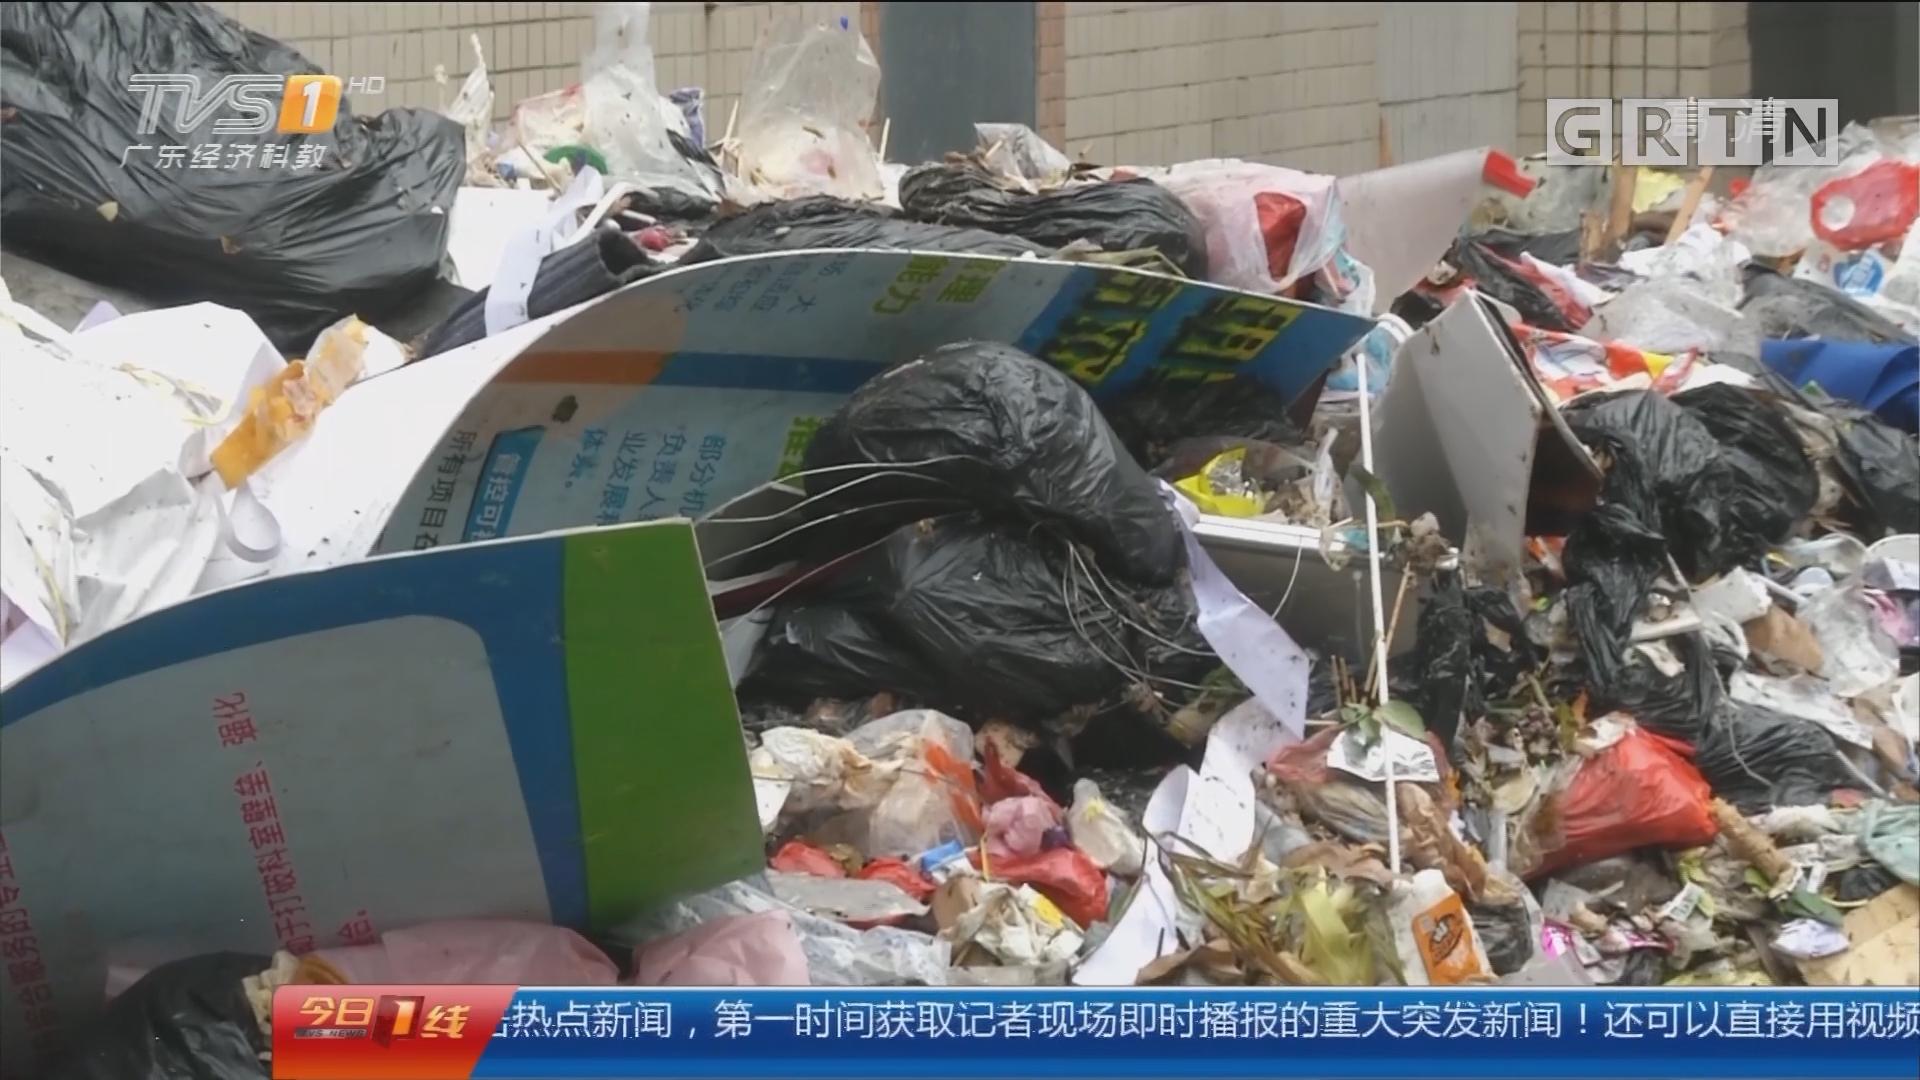 东莞东城:垃圾占道惹众怒 两小时也未清完